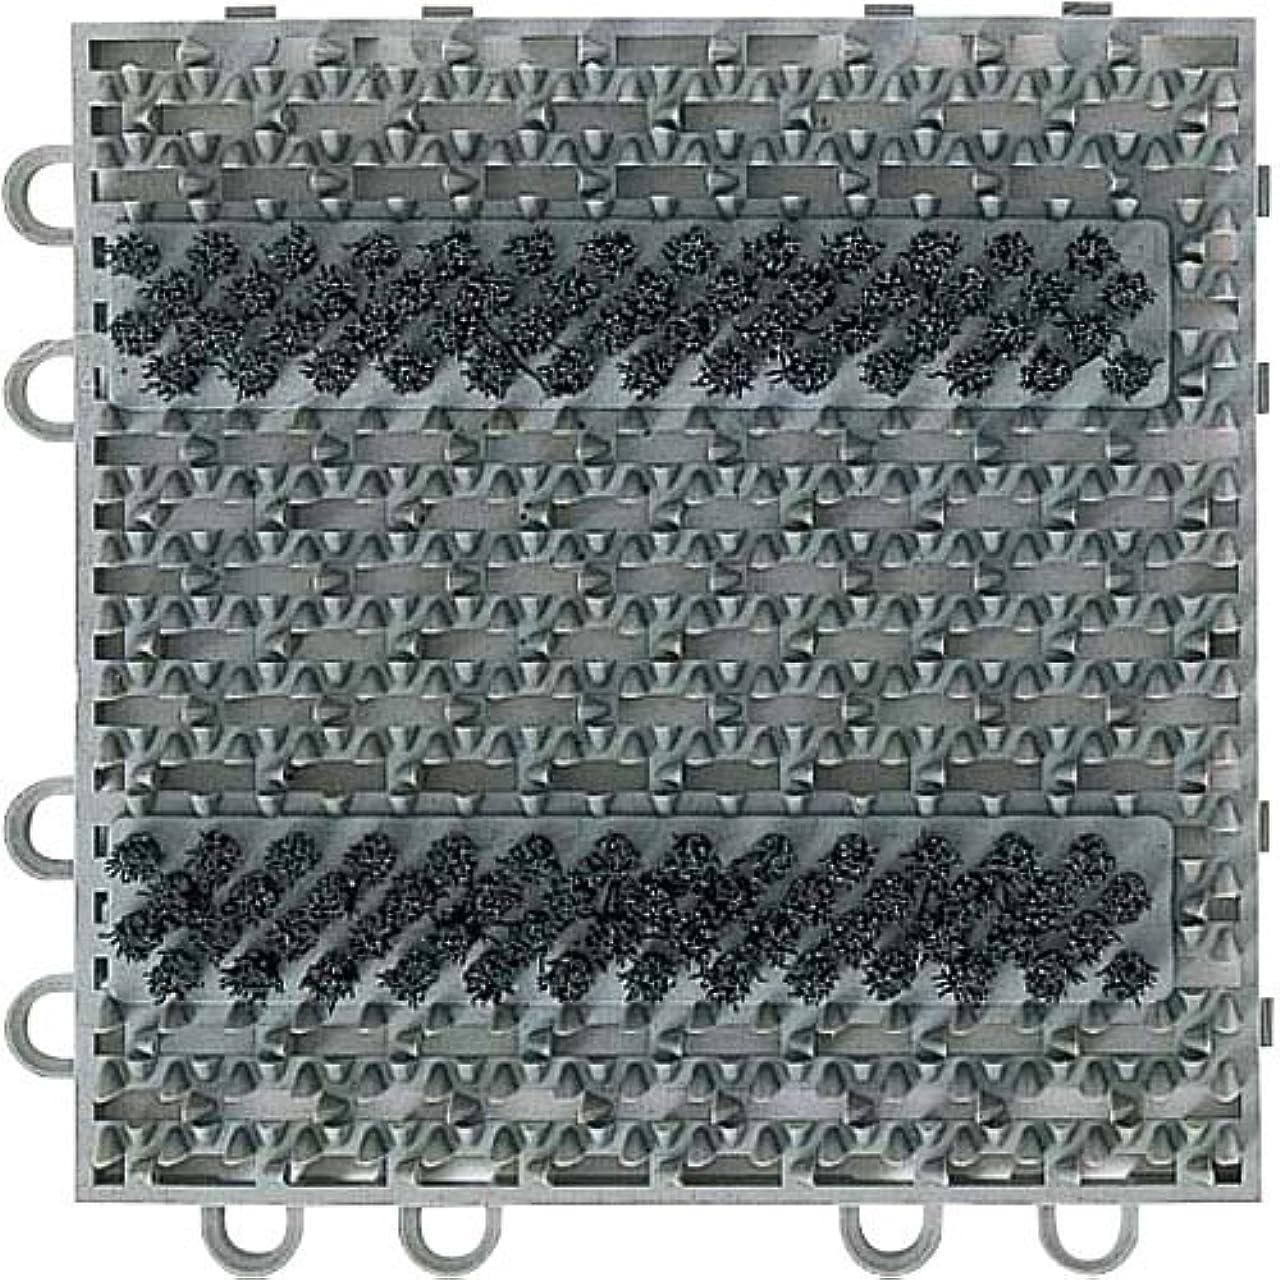 ずらす高度検索エンジン最適化山崎産業 エバックブラシハードマットYL (本駒) グレー